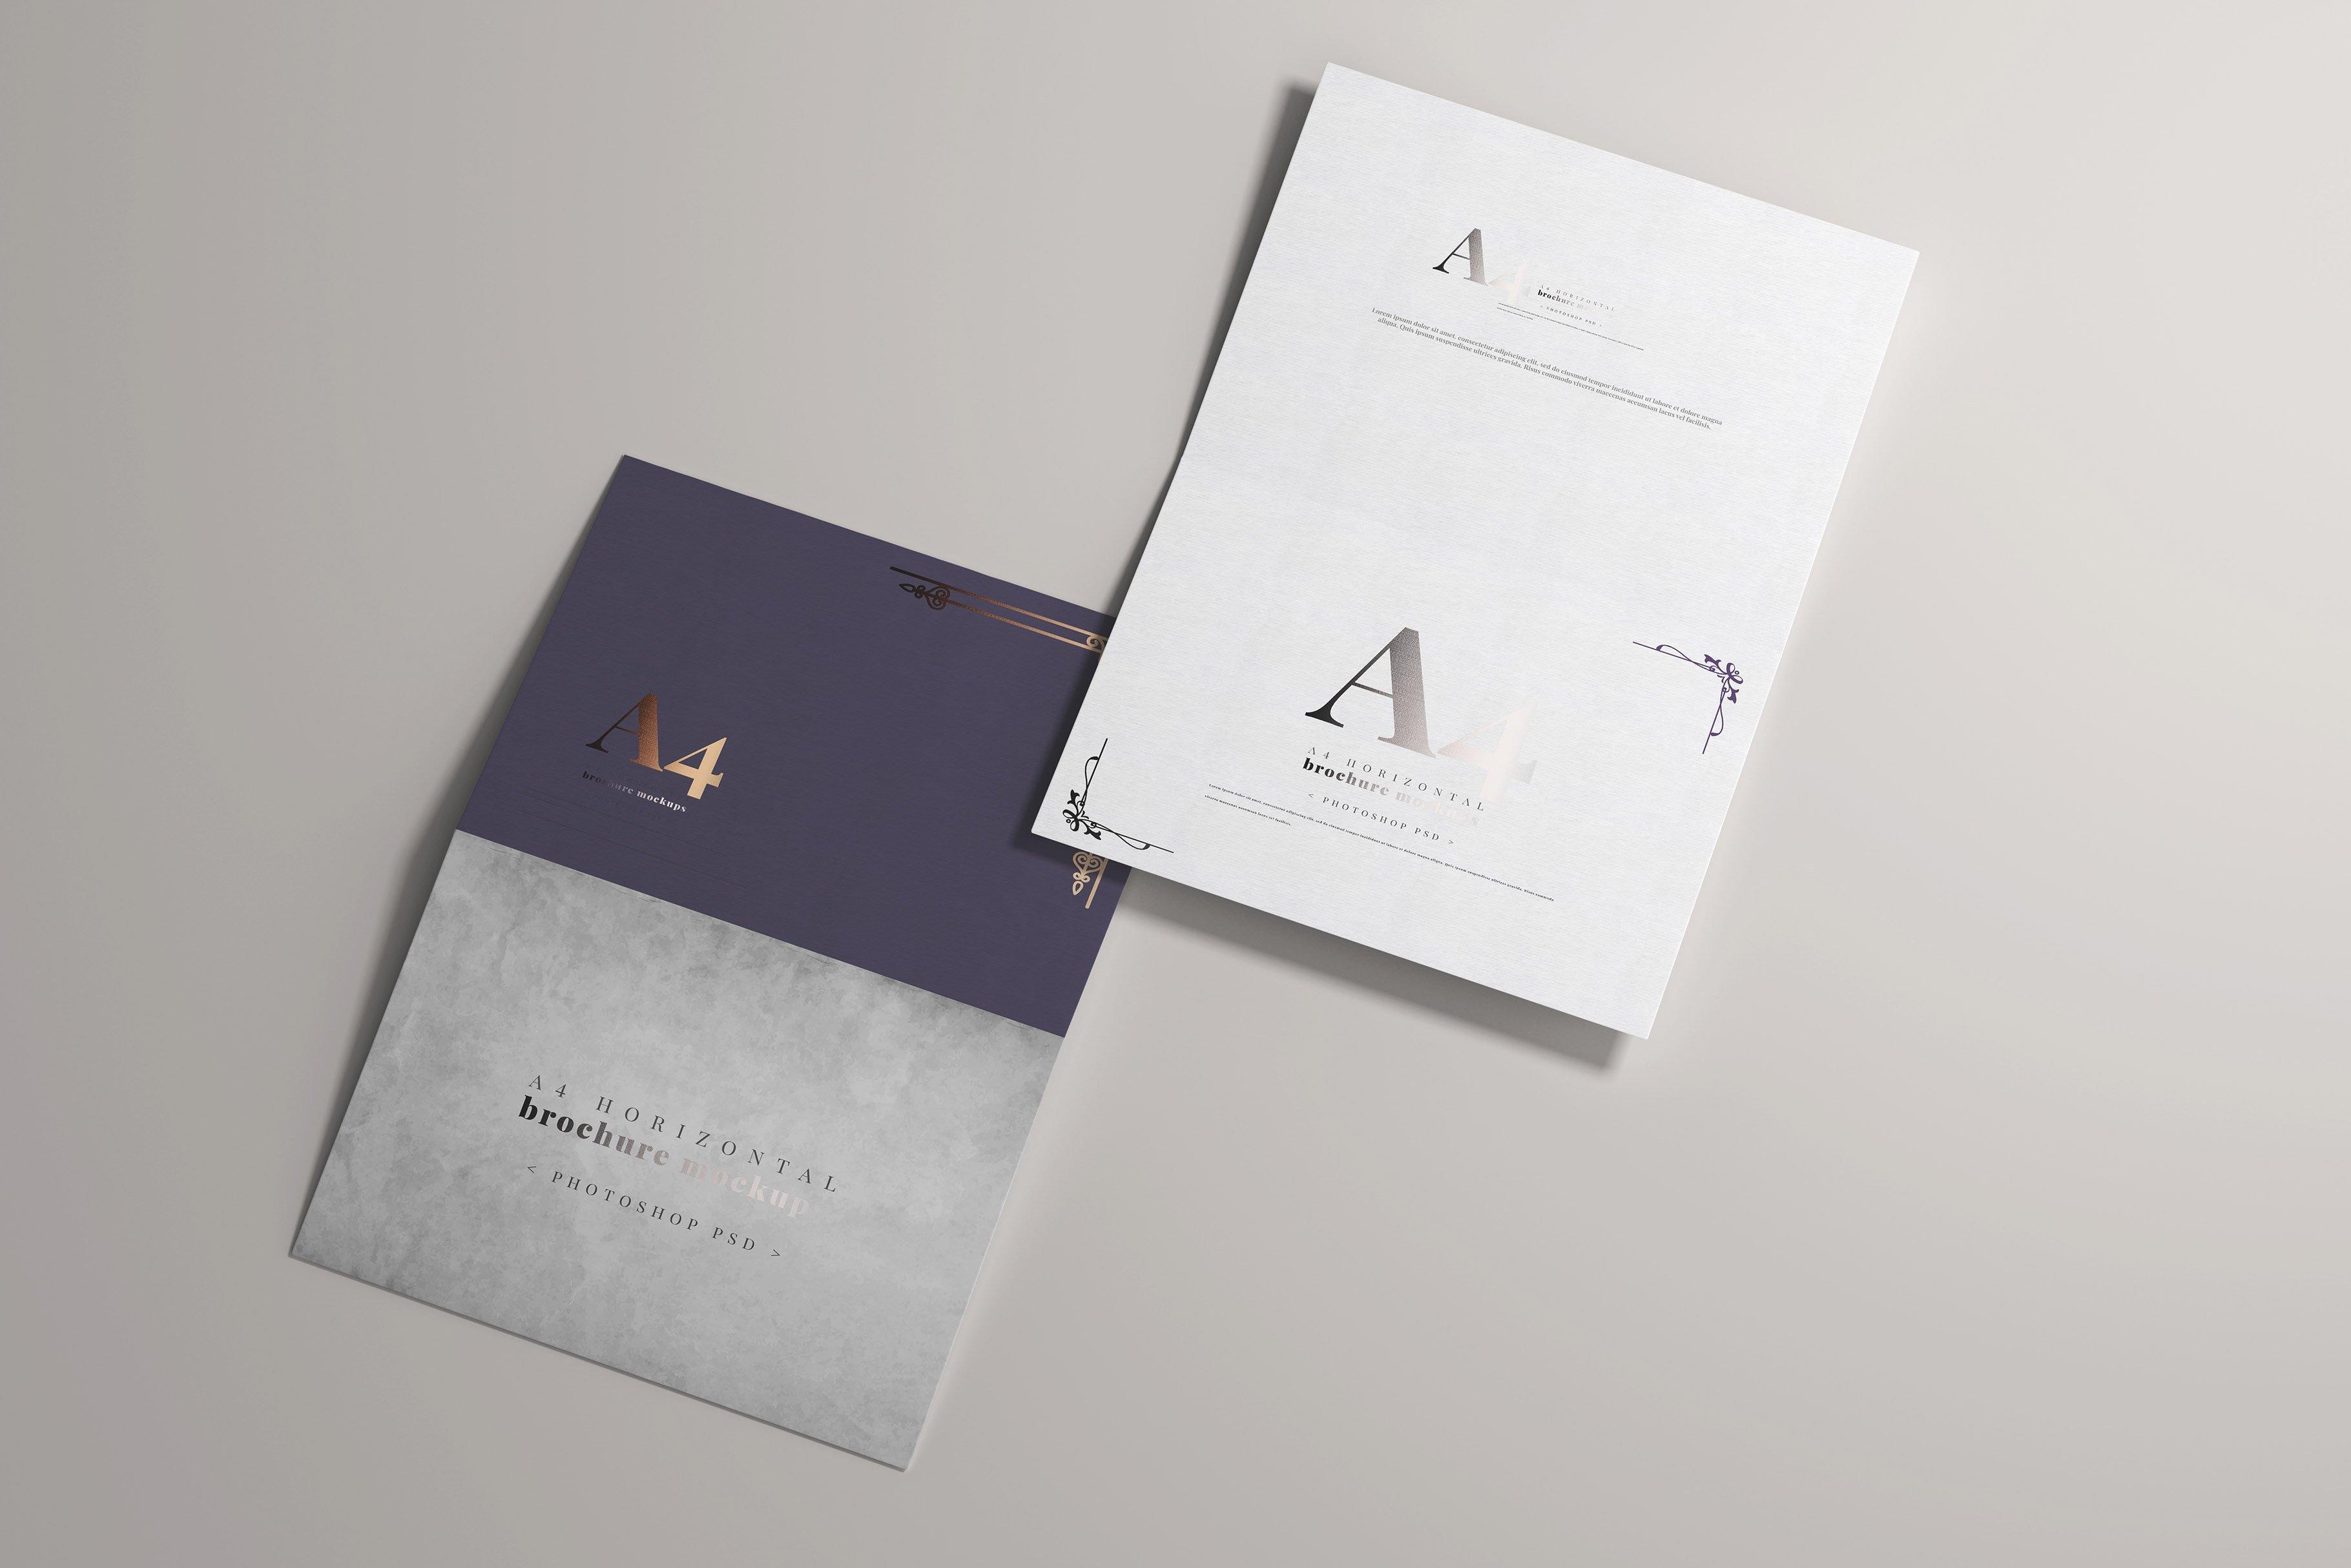 8款烫印效果A4横向两折页小册子设计展示贴图PSD样机模板 A4 Bi-Fold Horizontal Mockups插图(3)